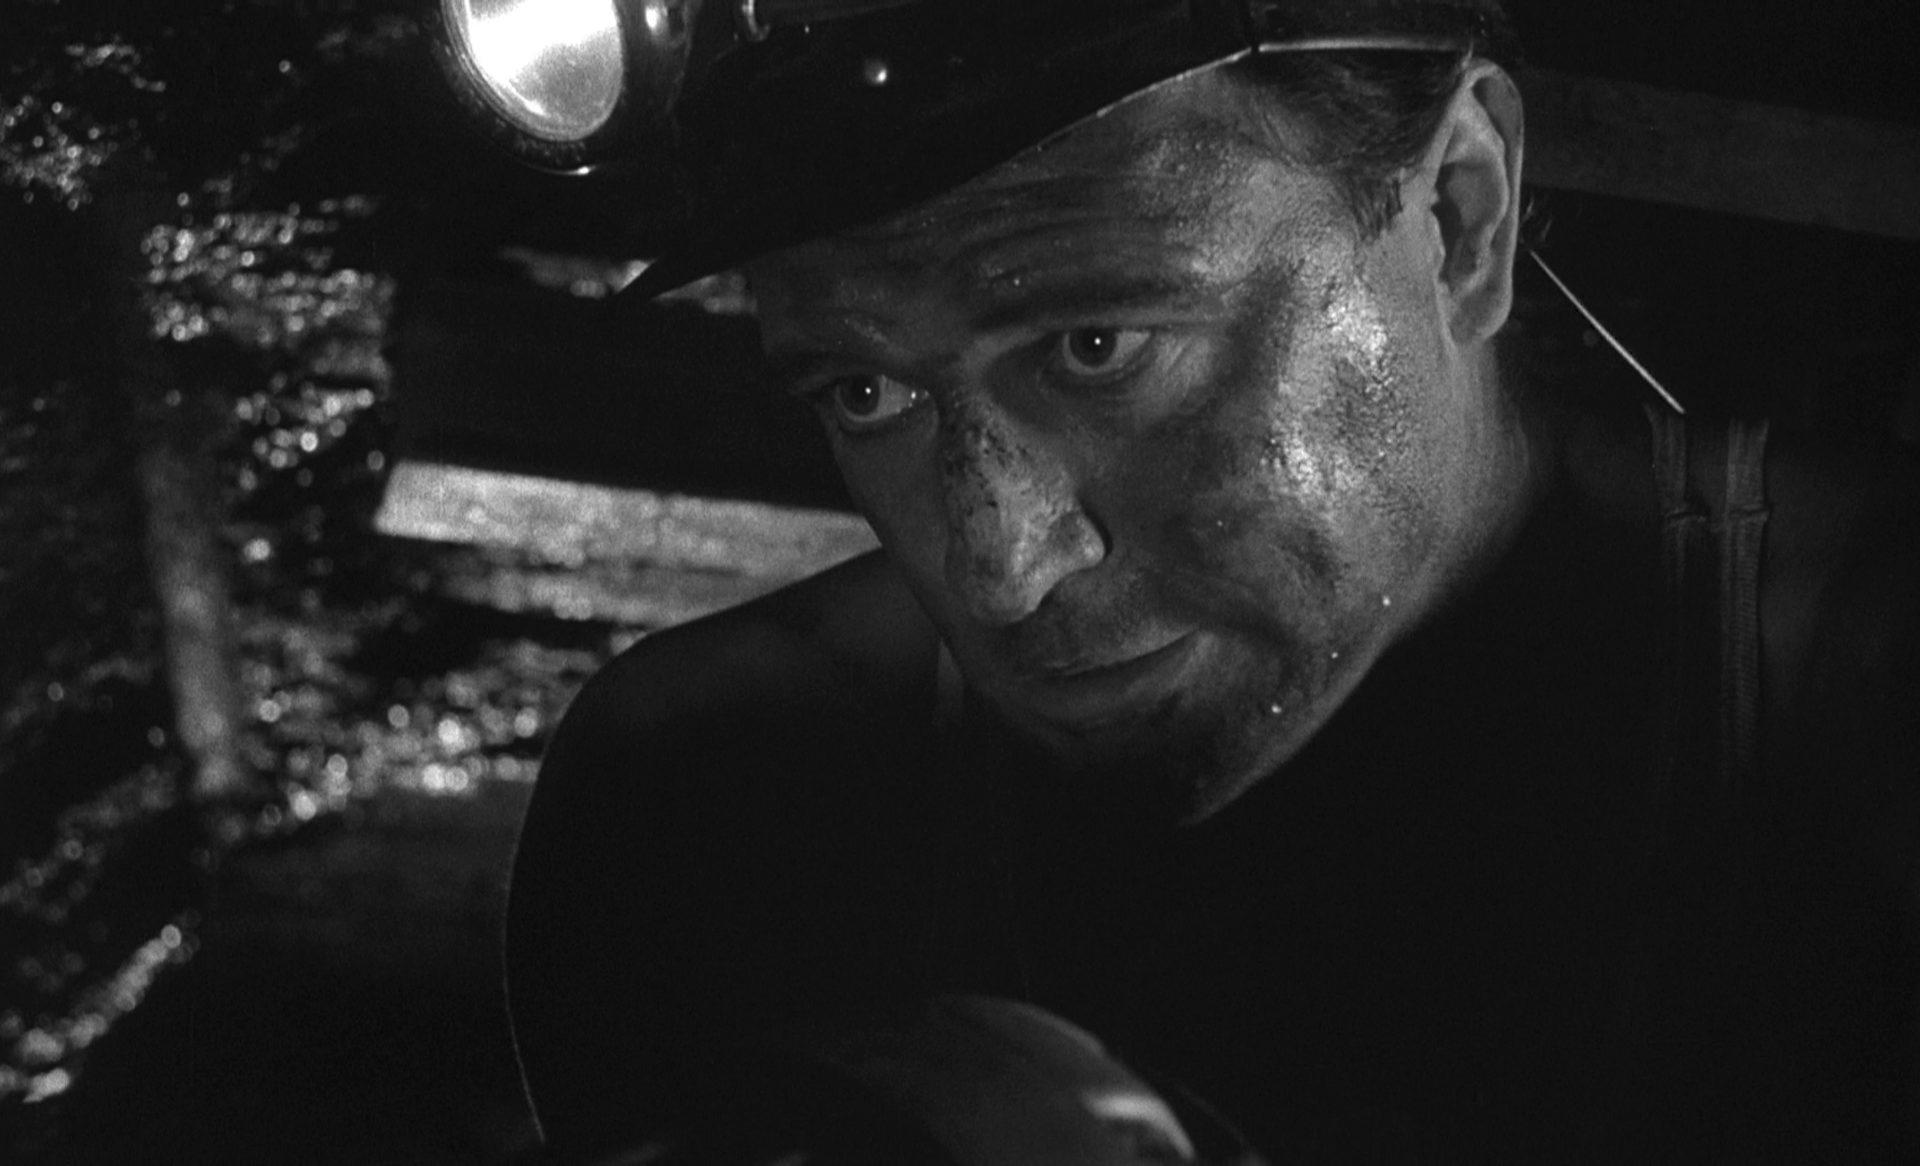 Nahaufnahme von Richard Harris als Frank Machin als Bergarbeiter bei der Arbeit im dunklen Stollen.